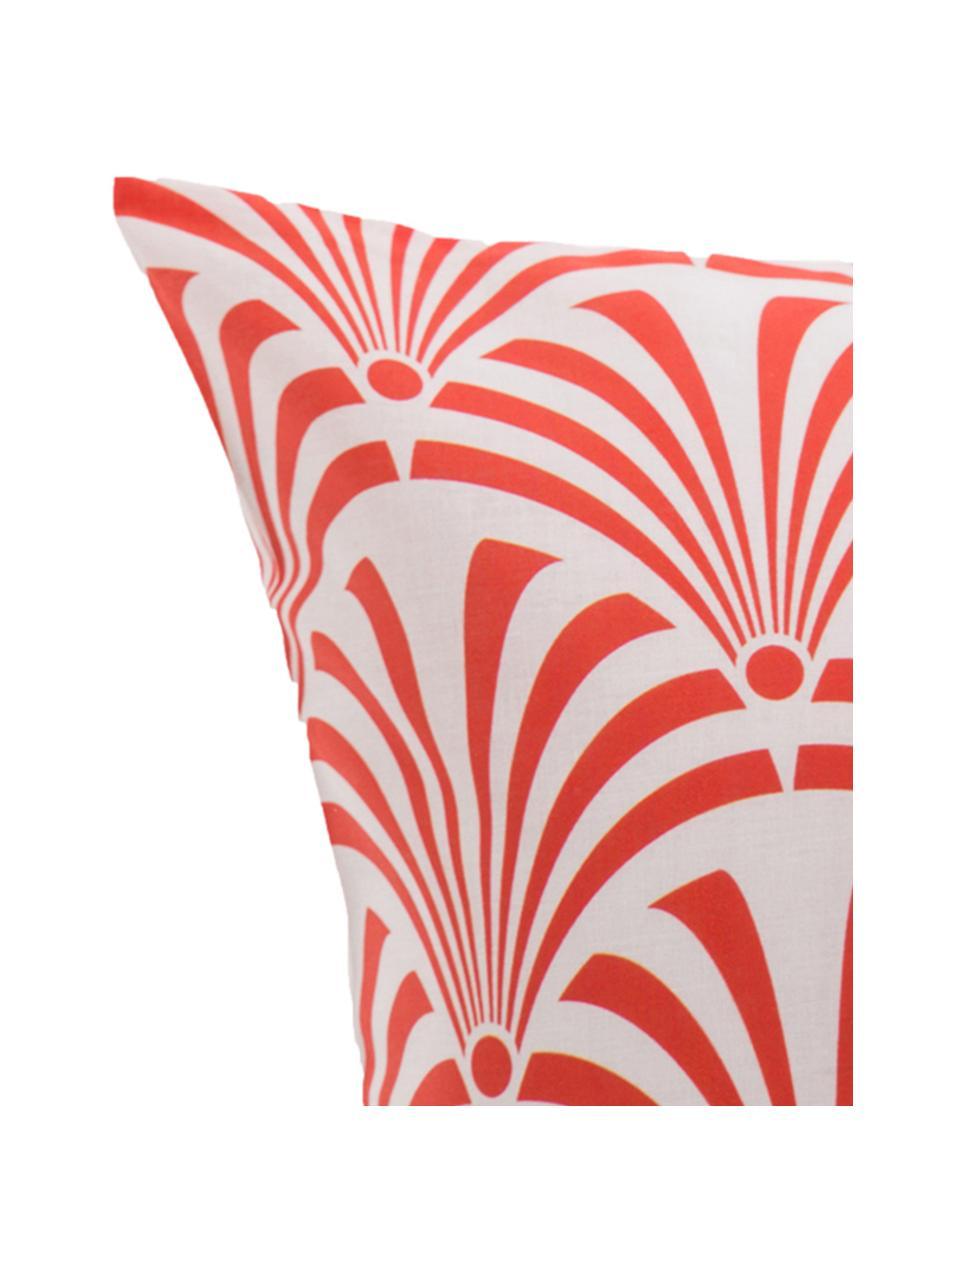 Parure copripiumino in cotone Crone, Cotone, Fronte: rosso salmone, bianco Retro: bianco, 200 x 200 cm + 2 federe 50 x 80 cm